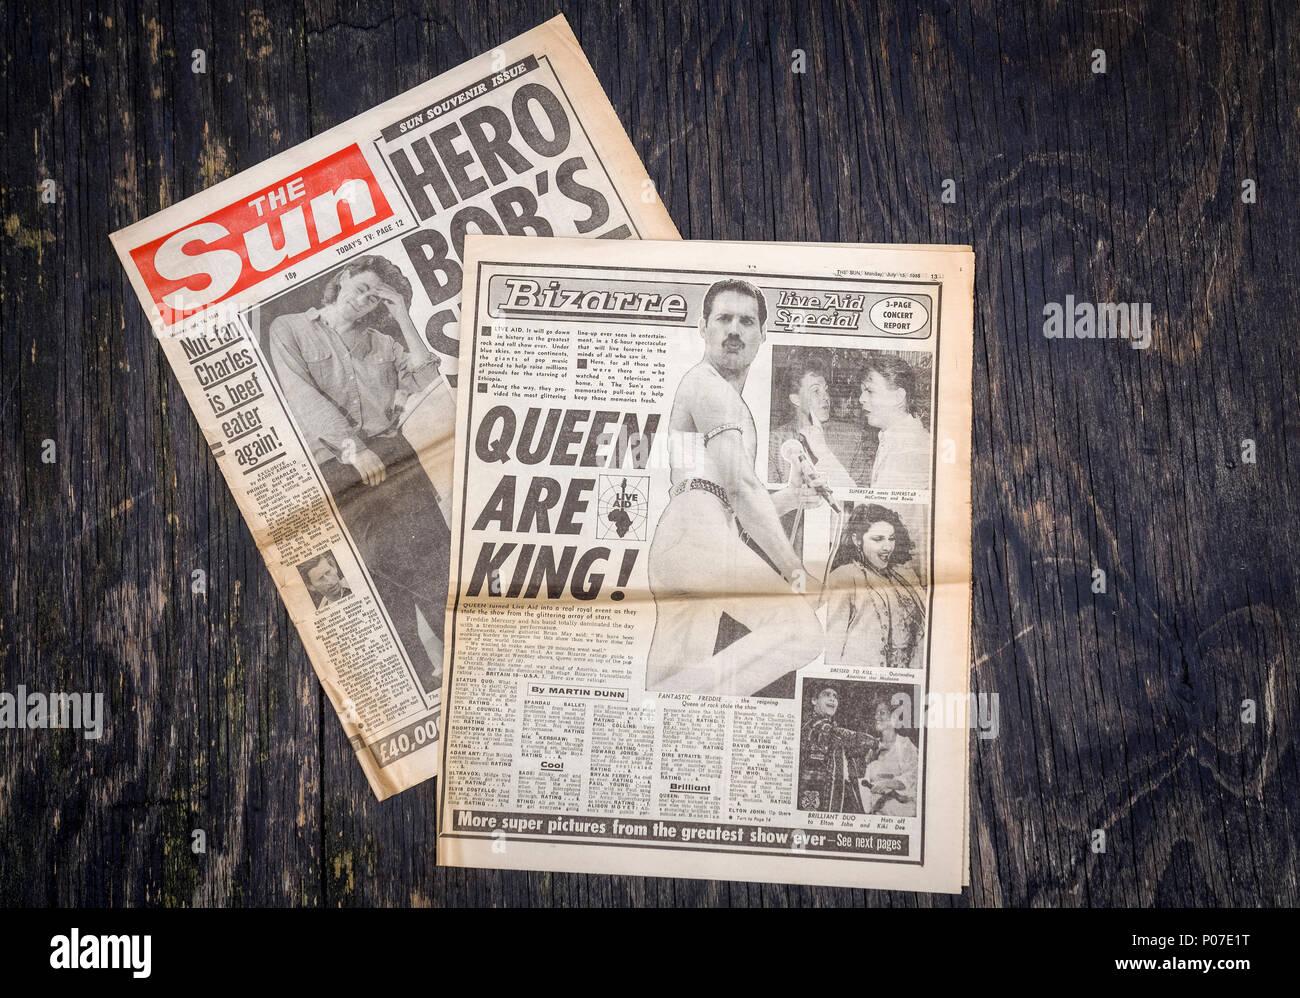 Quotidiano britannico The Sun reporting sulla carità musica dal vivo, eventi Live Aid tenutosi allo stadio di Wembley a Londra, 13 Luglio 1985 da Sir Bob Geldof Immagini Stock